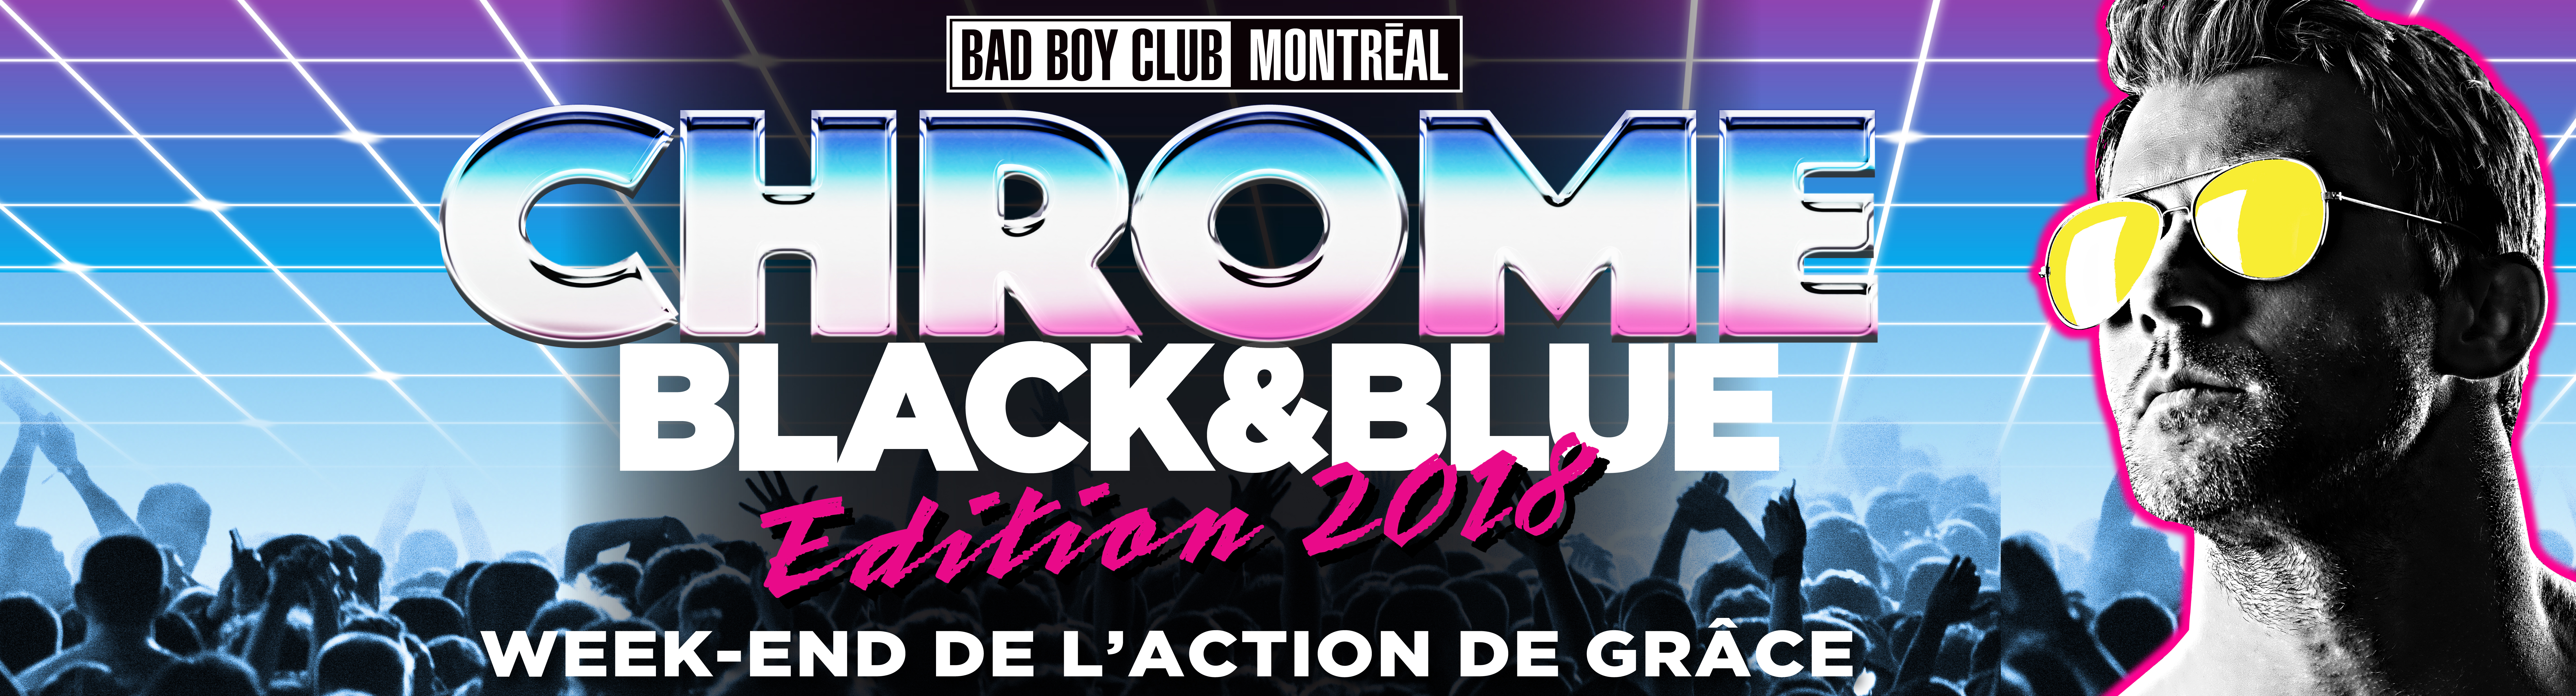 Black & Blue CHROME Édition 2018